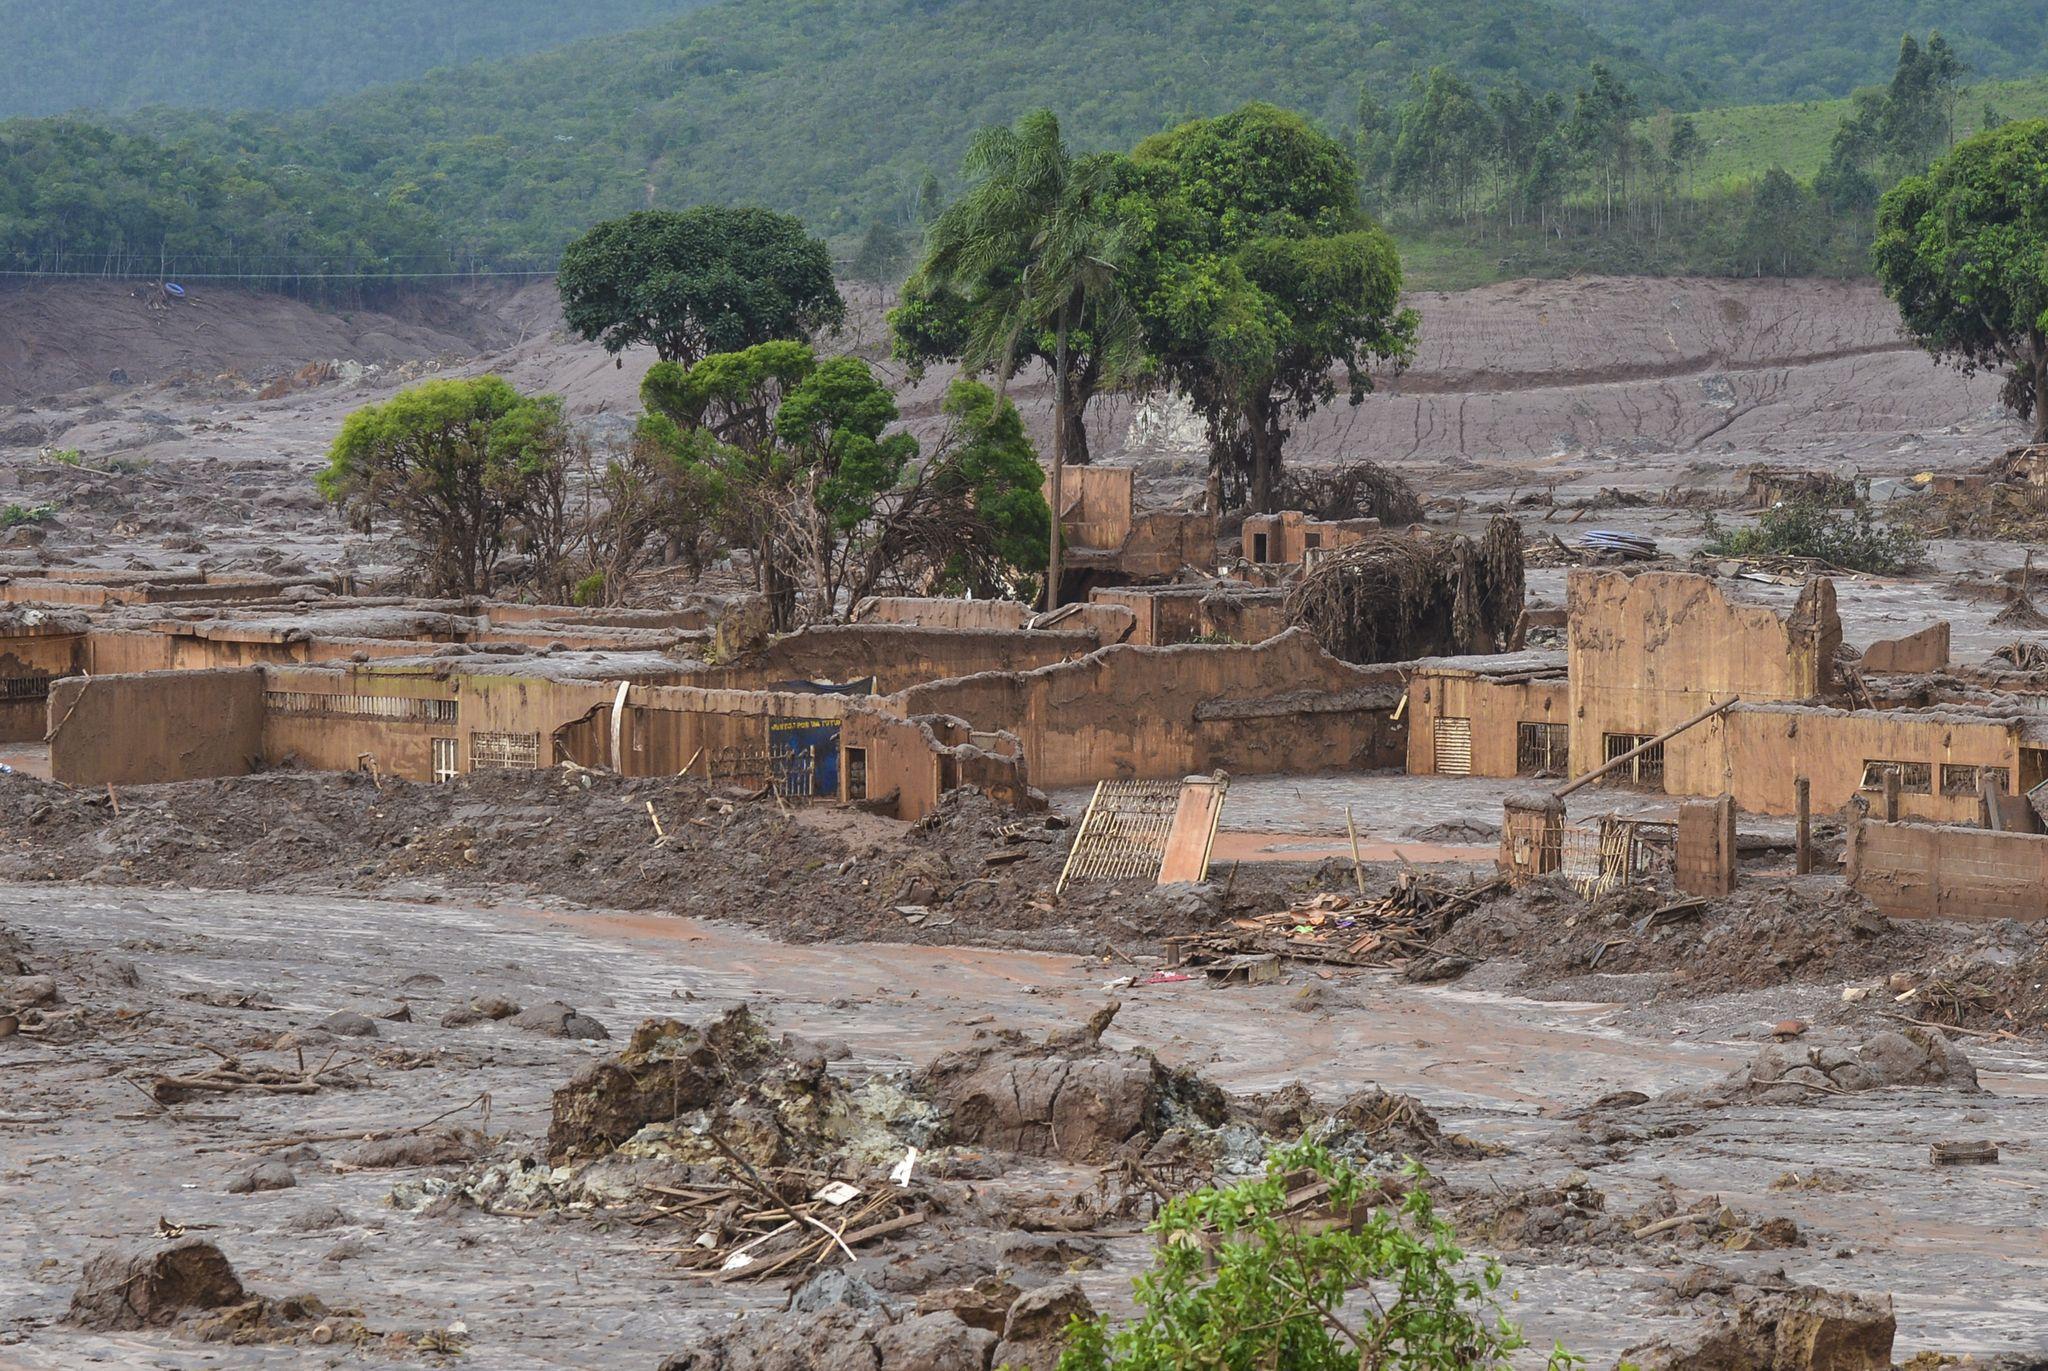 Plano de manejo dos rejeitos da Samarco deve ser anunciado em 45 dias